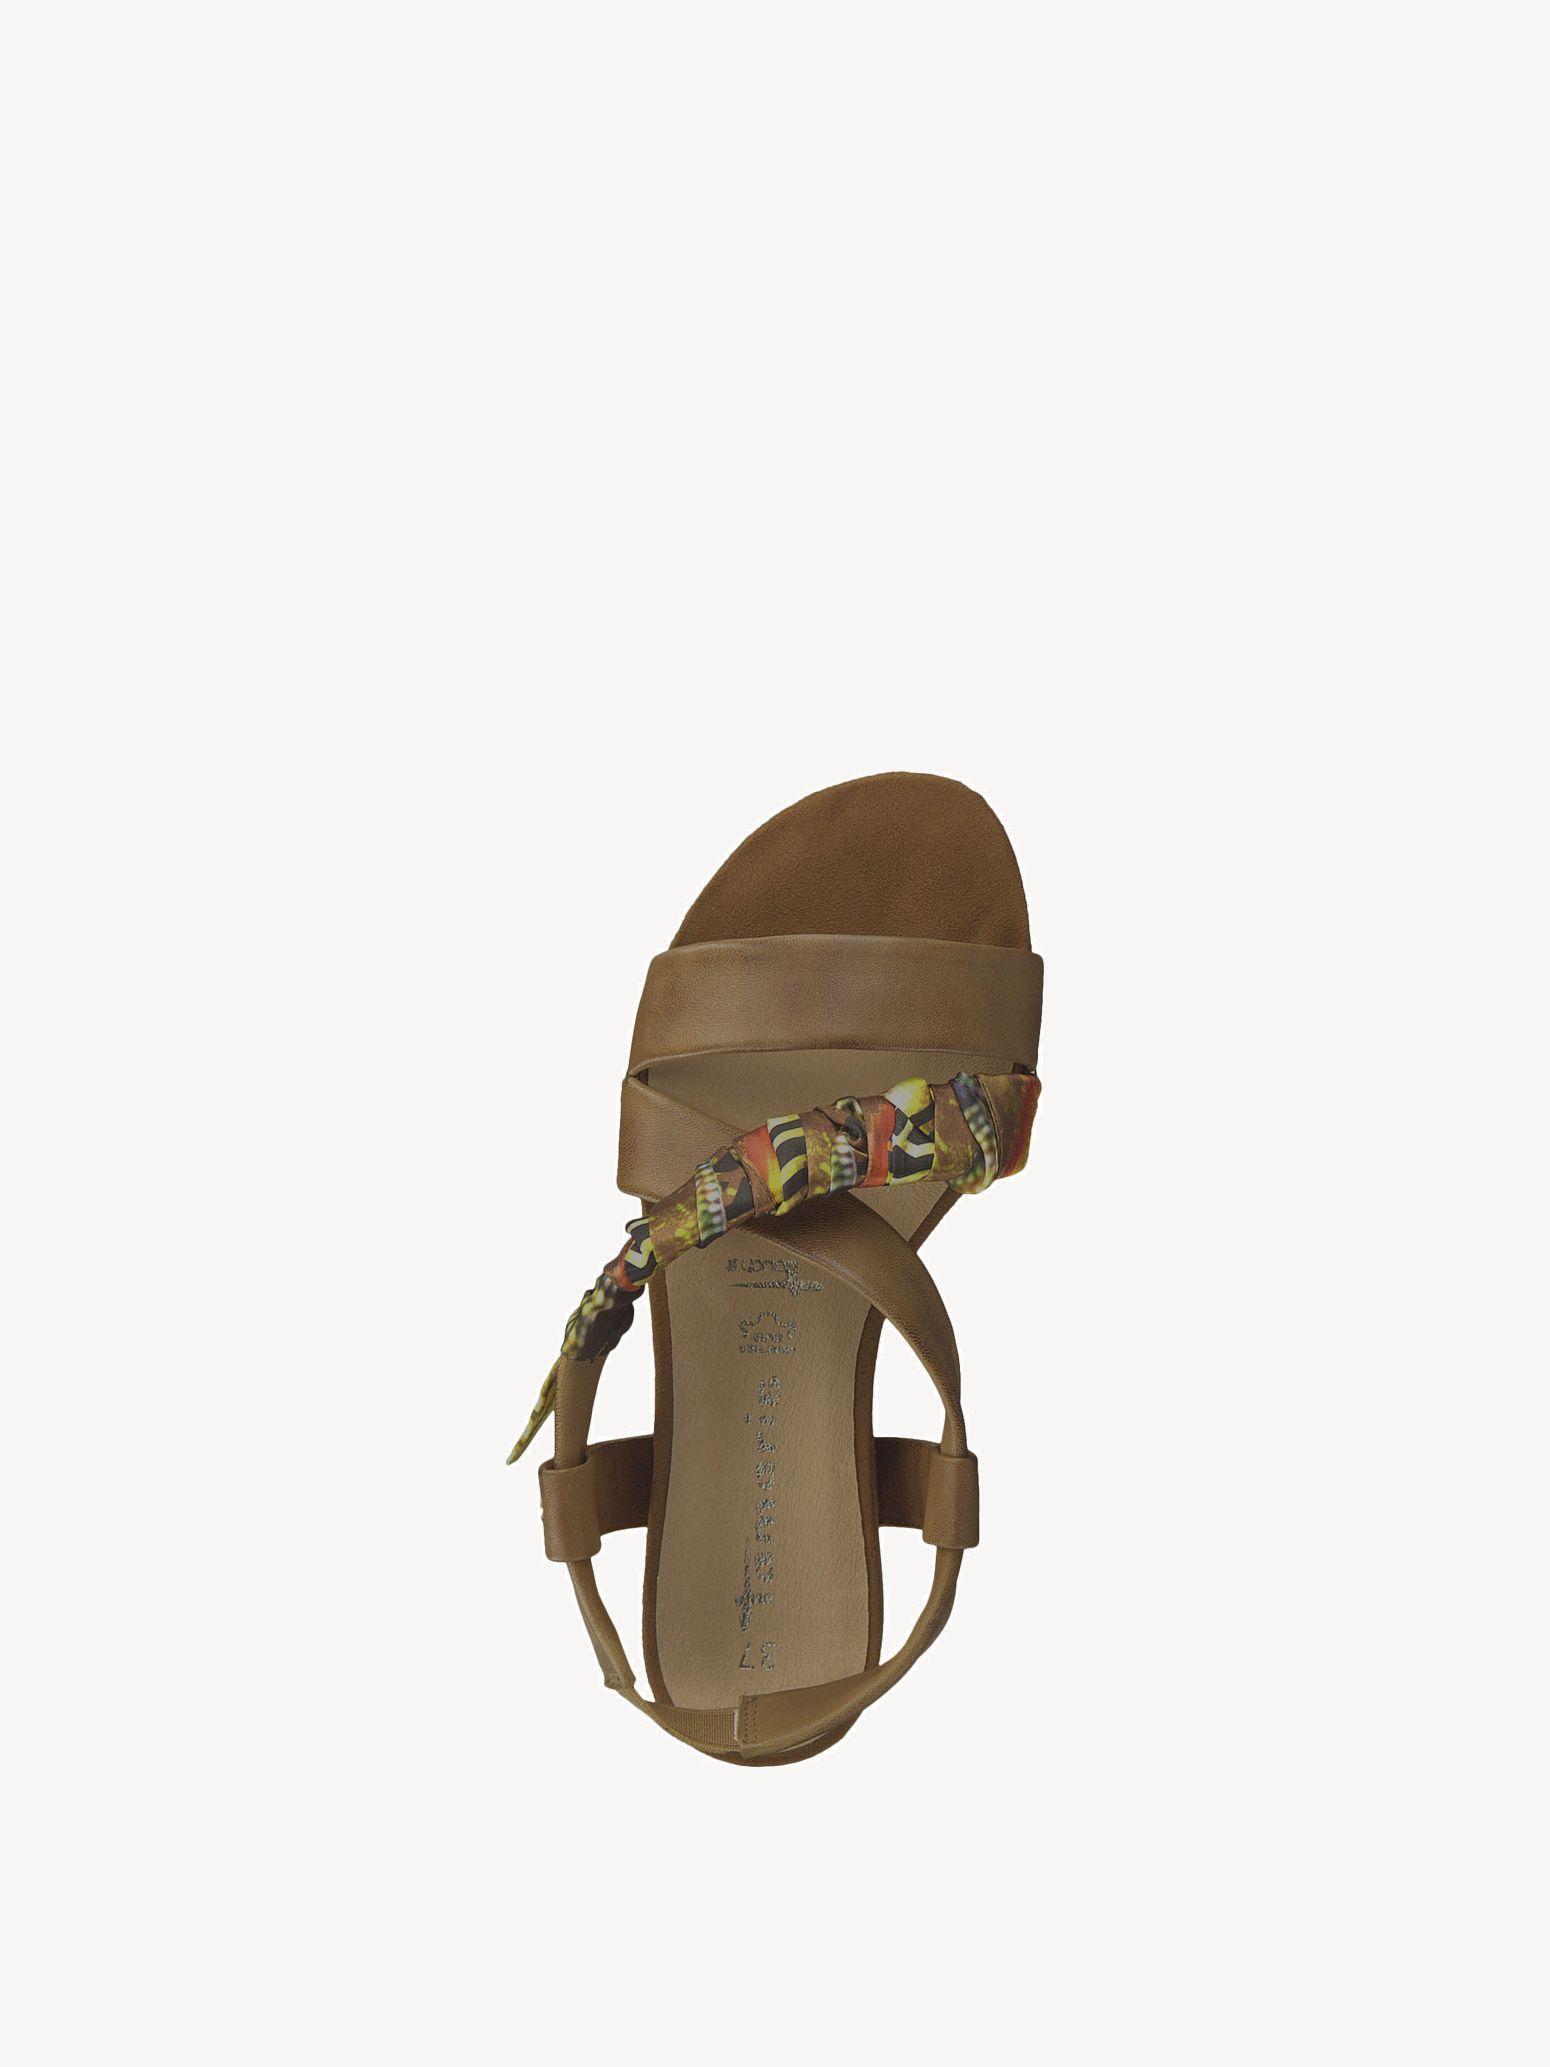 Elles Fabriquées Où Chaussures Sont Tamaris POkwNn0Z8X